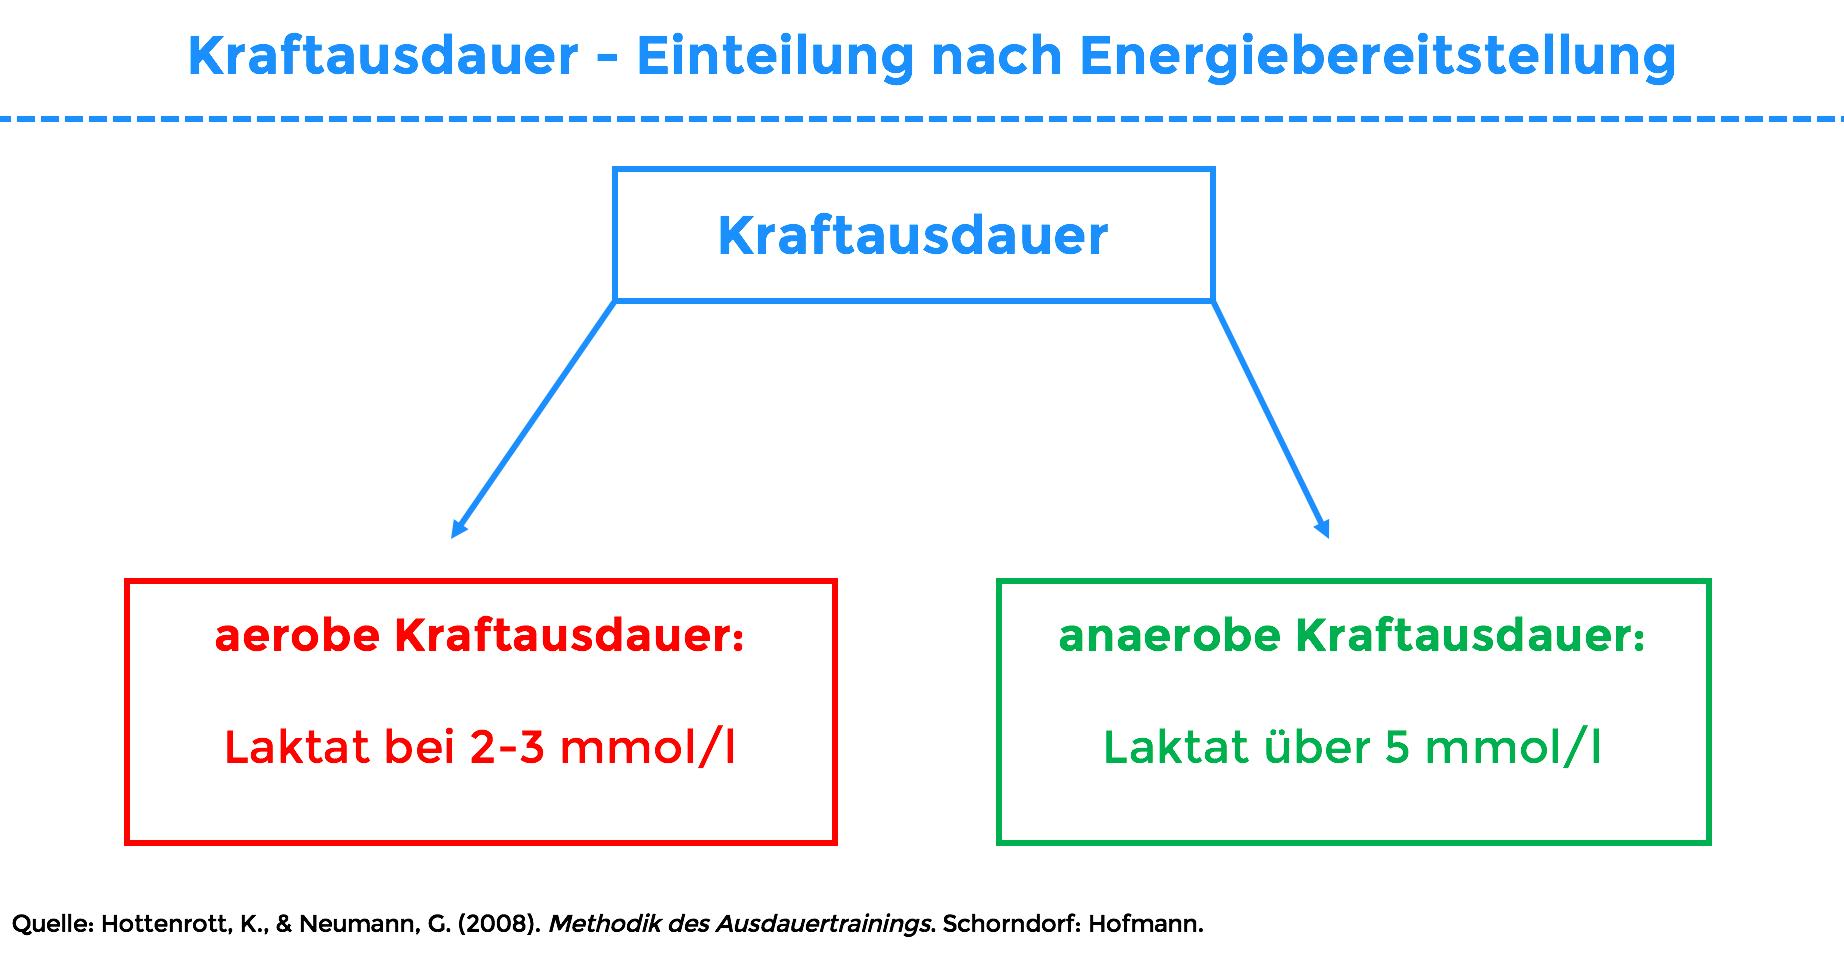 kraftausdauer energiebereitstellung